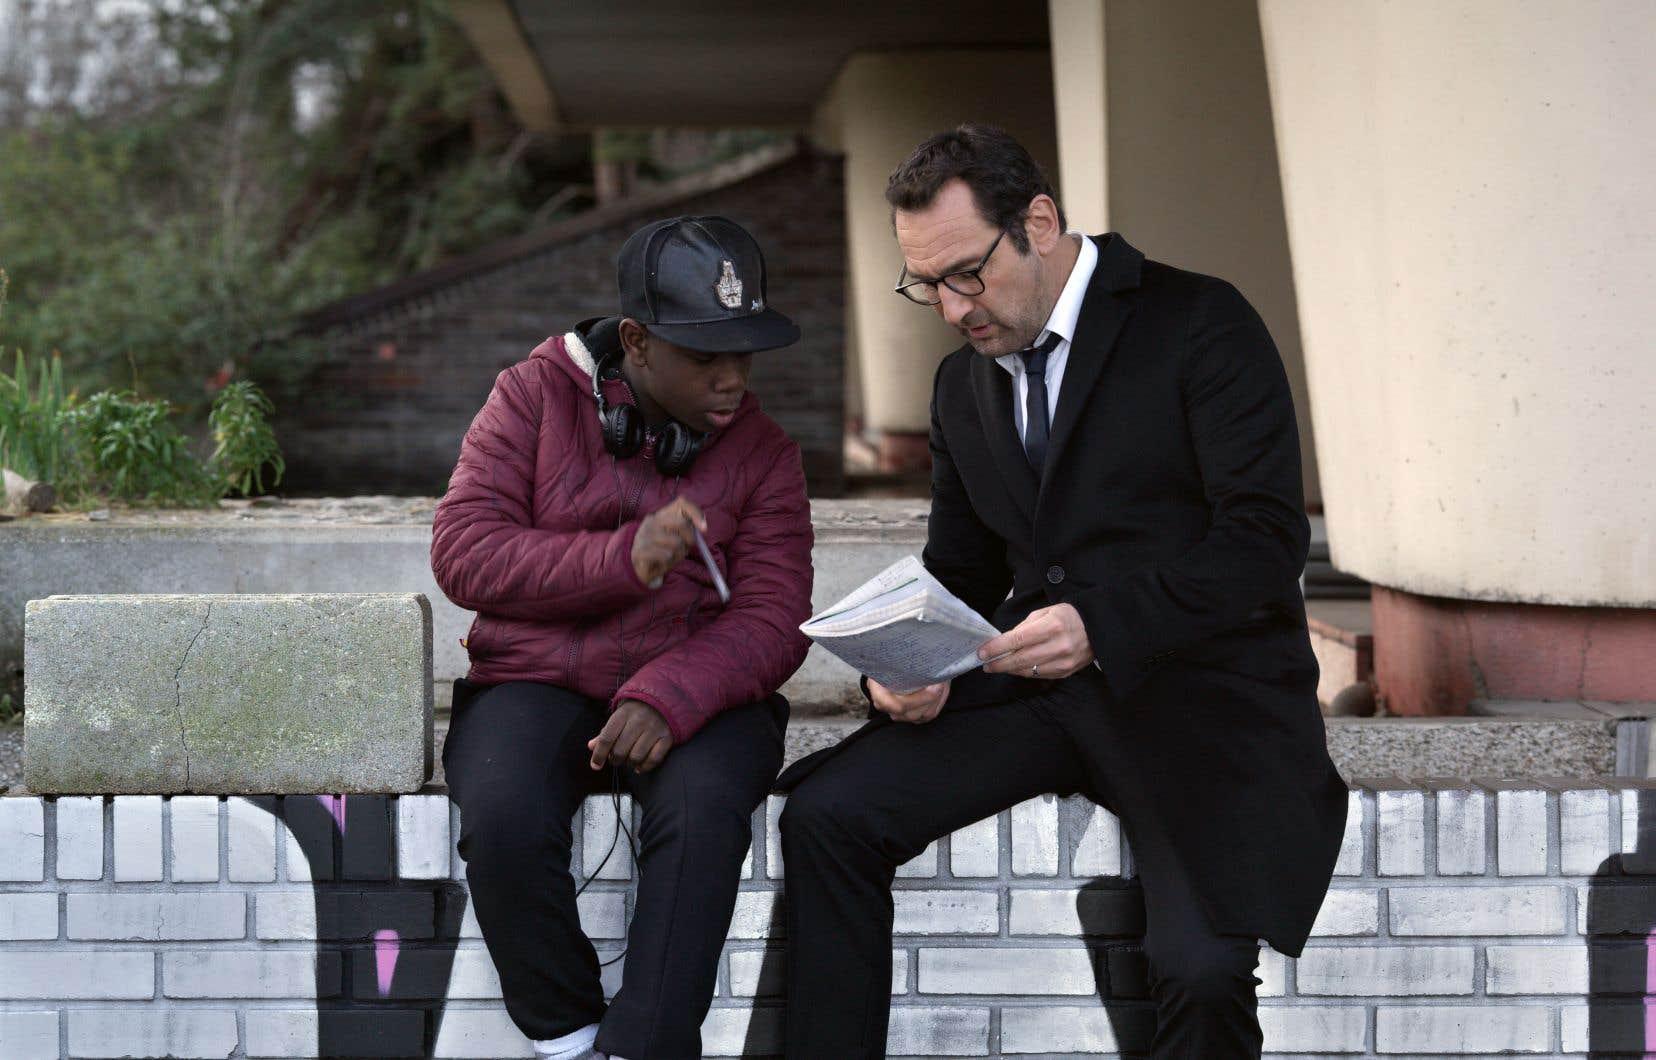 Le rôle principal est tenu par Gilles Lellouche (à droite), un homme ambitieux qui apprend à s'humaniser.